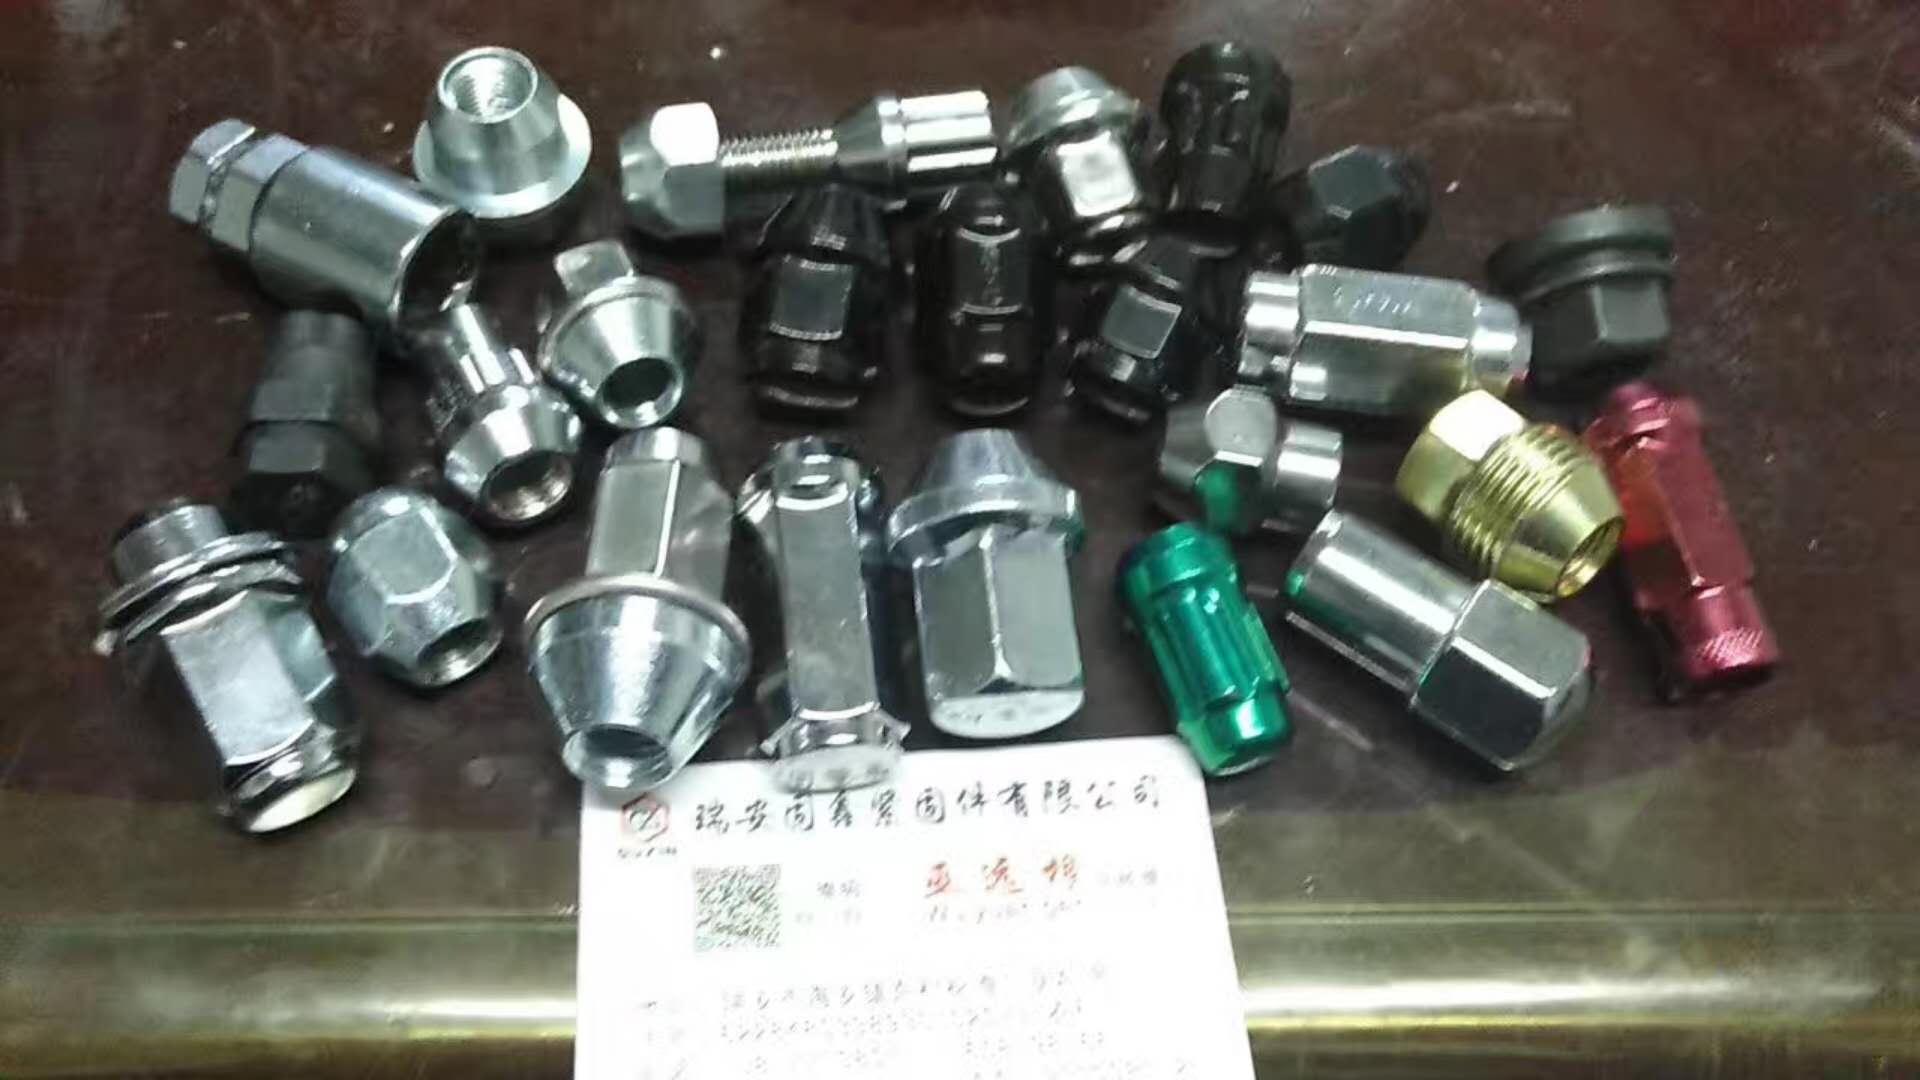 浙江温州轮胎螺母生产厂家-浙江温州轮胎螺母生产厂家直销